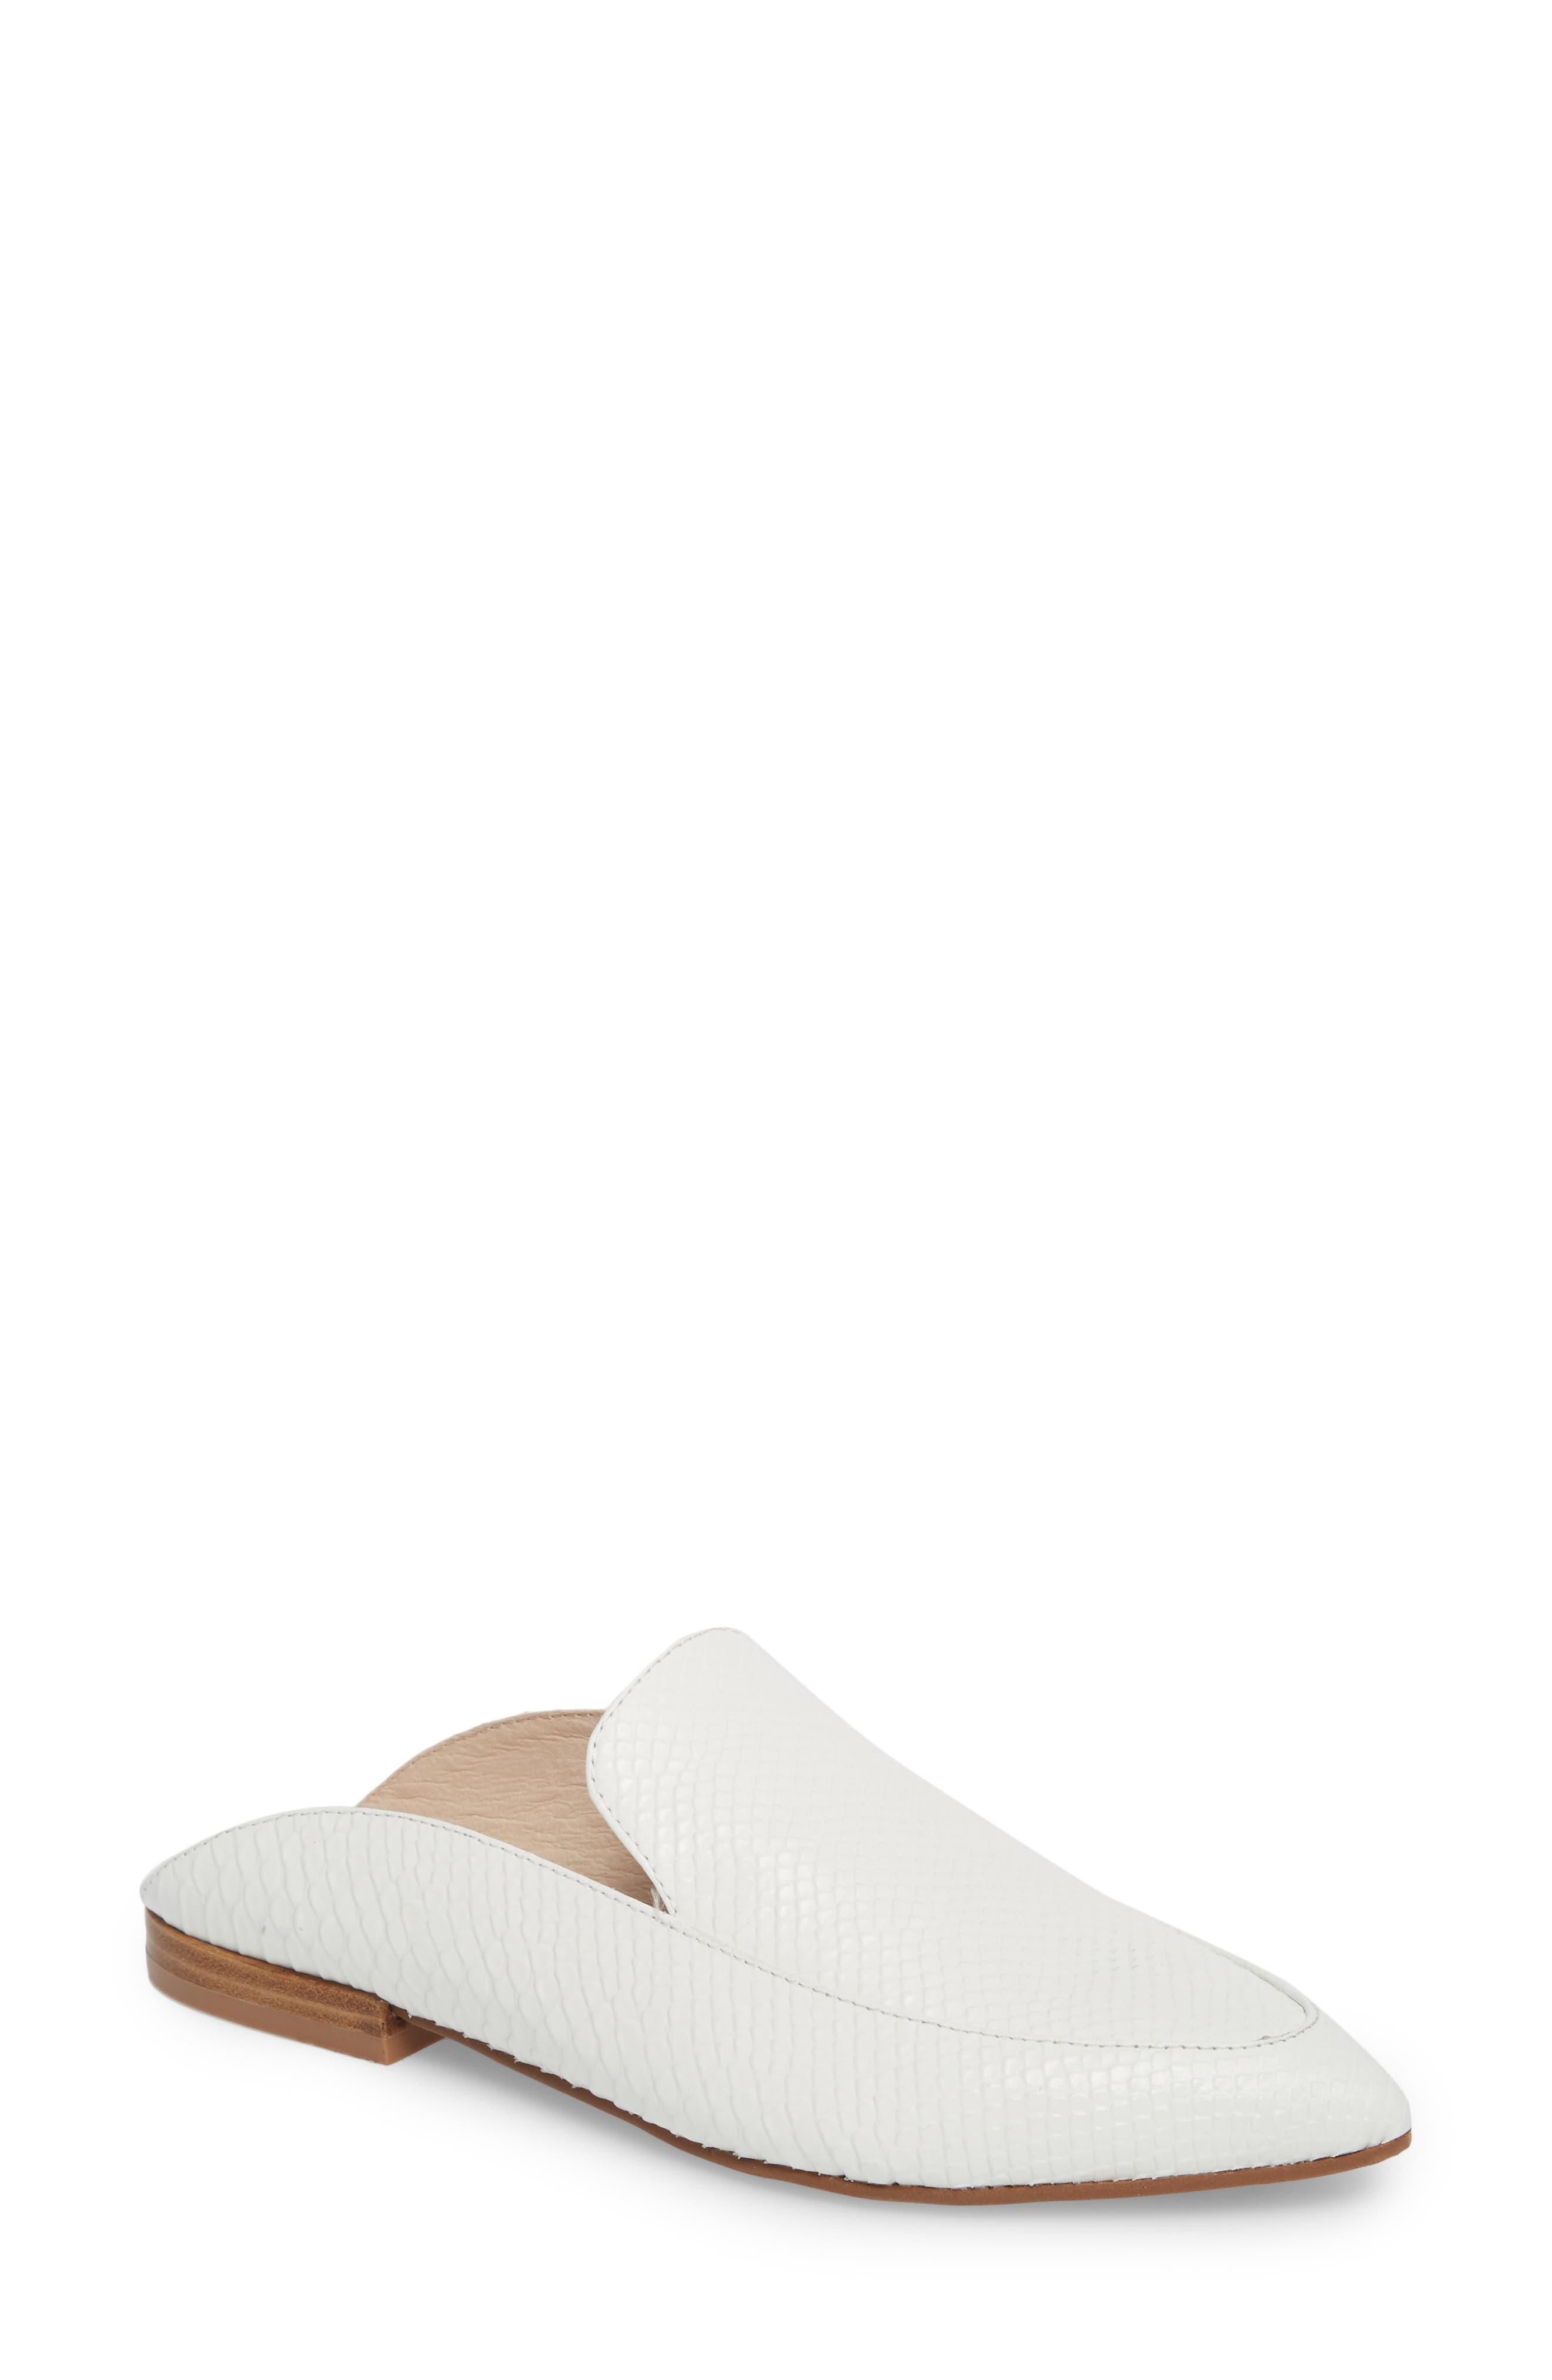 'Capri' Mule,                         Main,                         color, White Leather